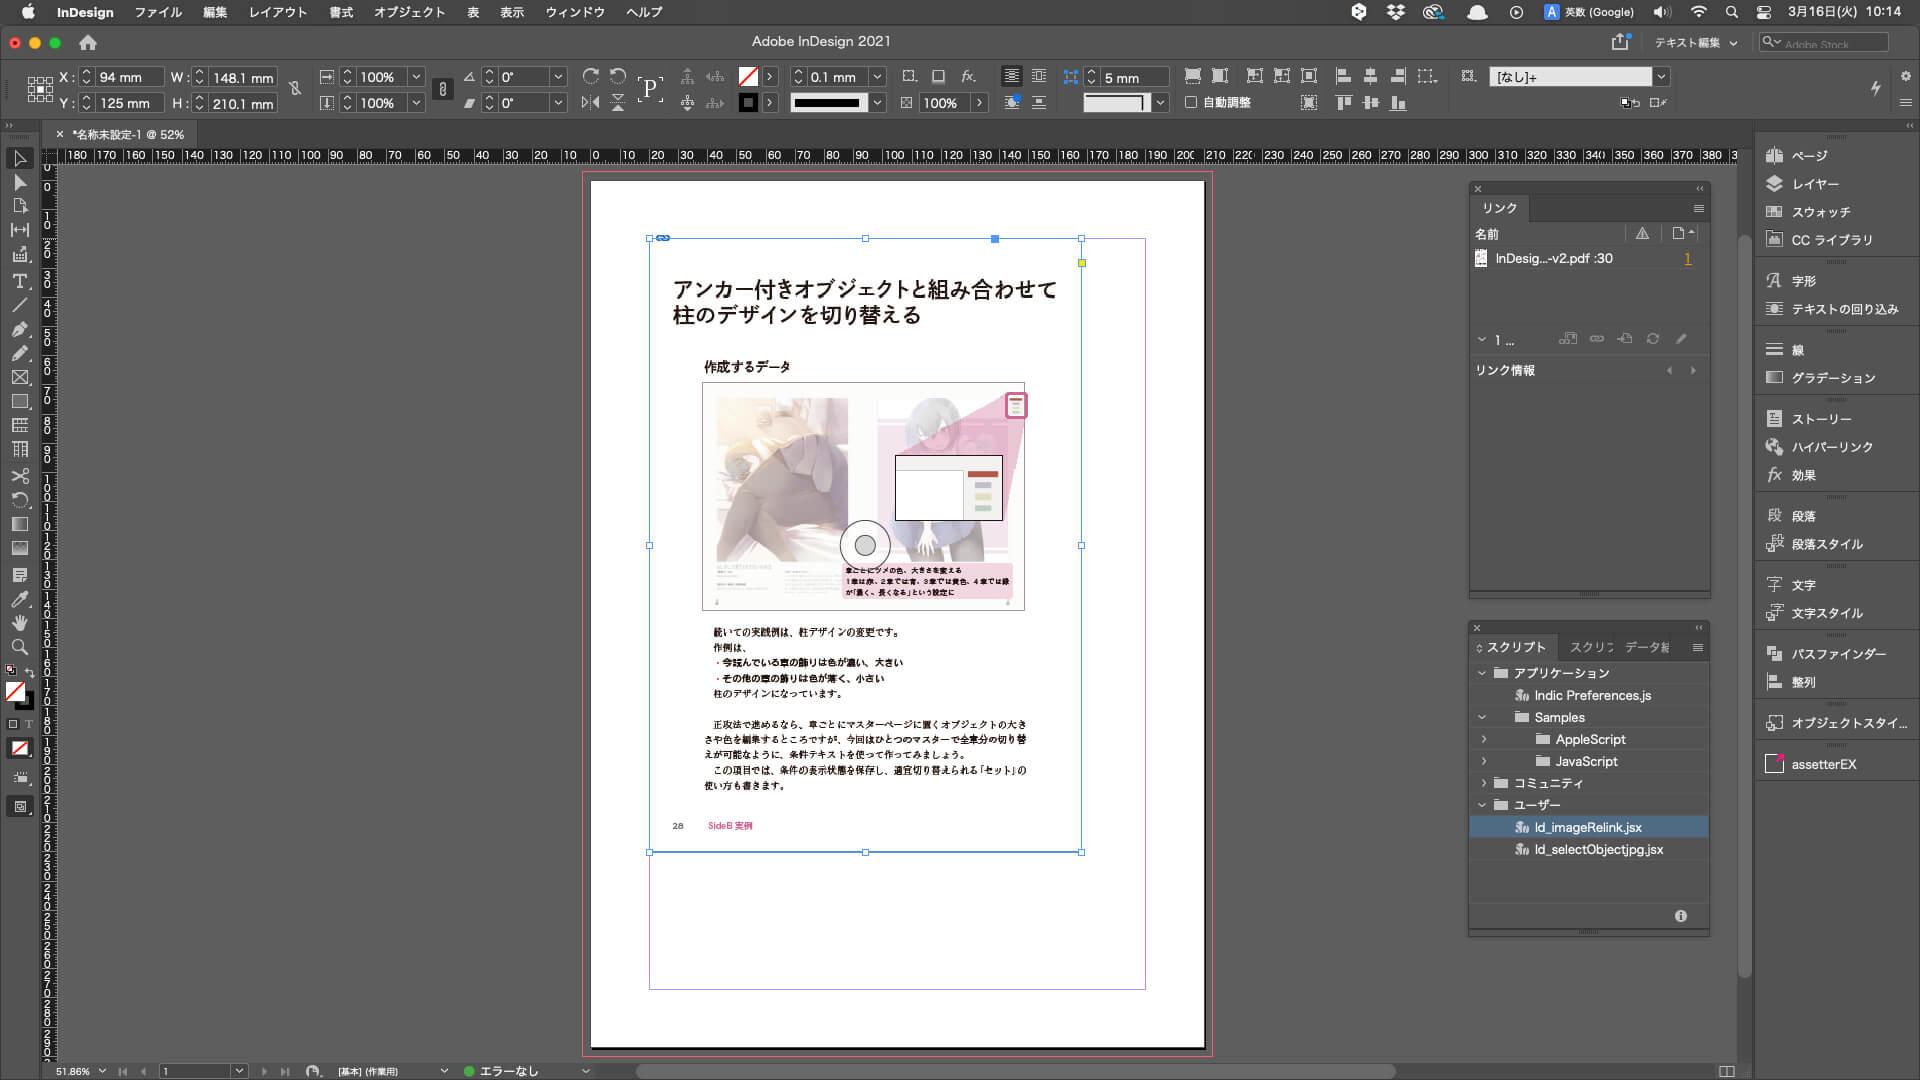 [PDFを配置]ダイアログの設定に従って、PDFが再配置される